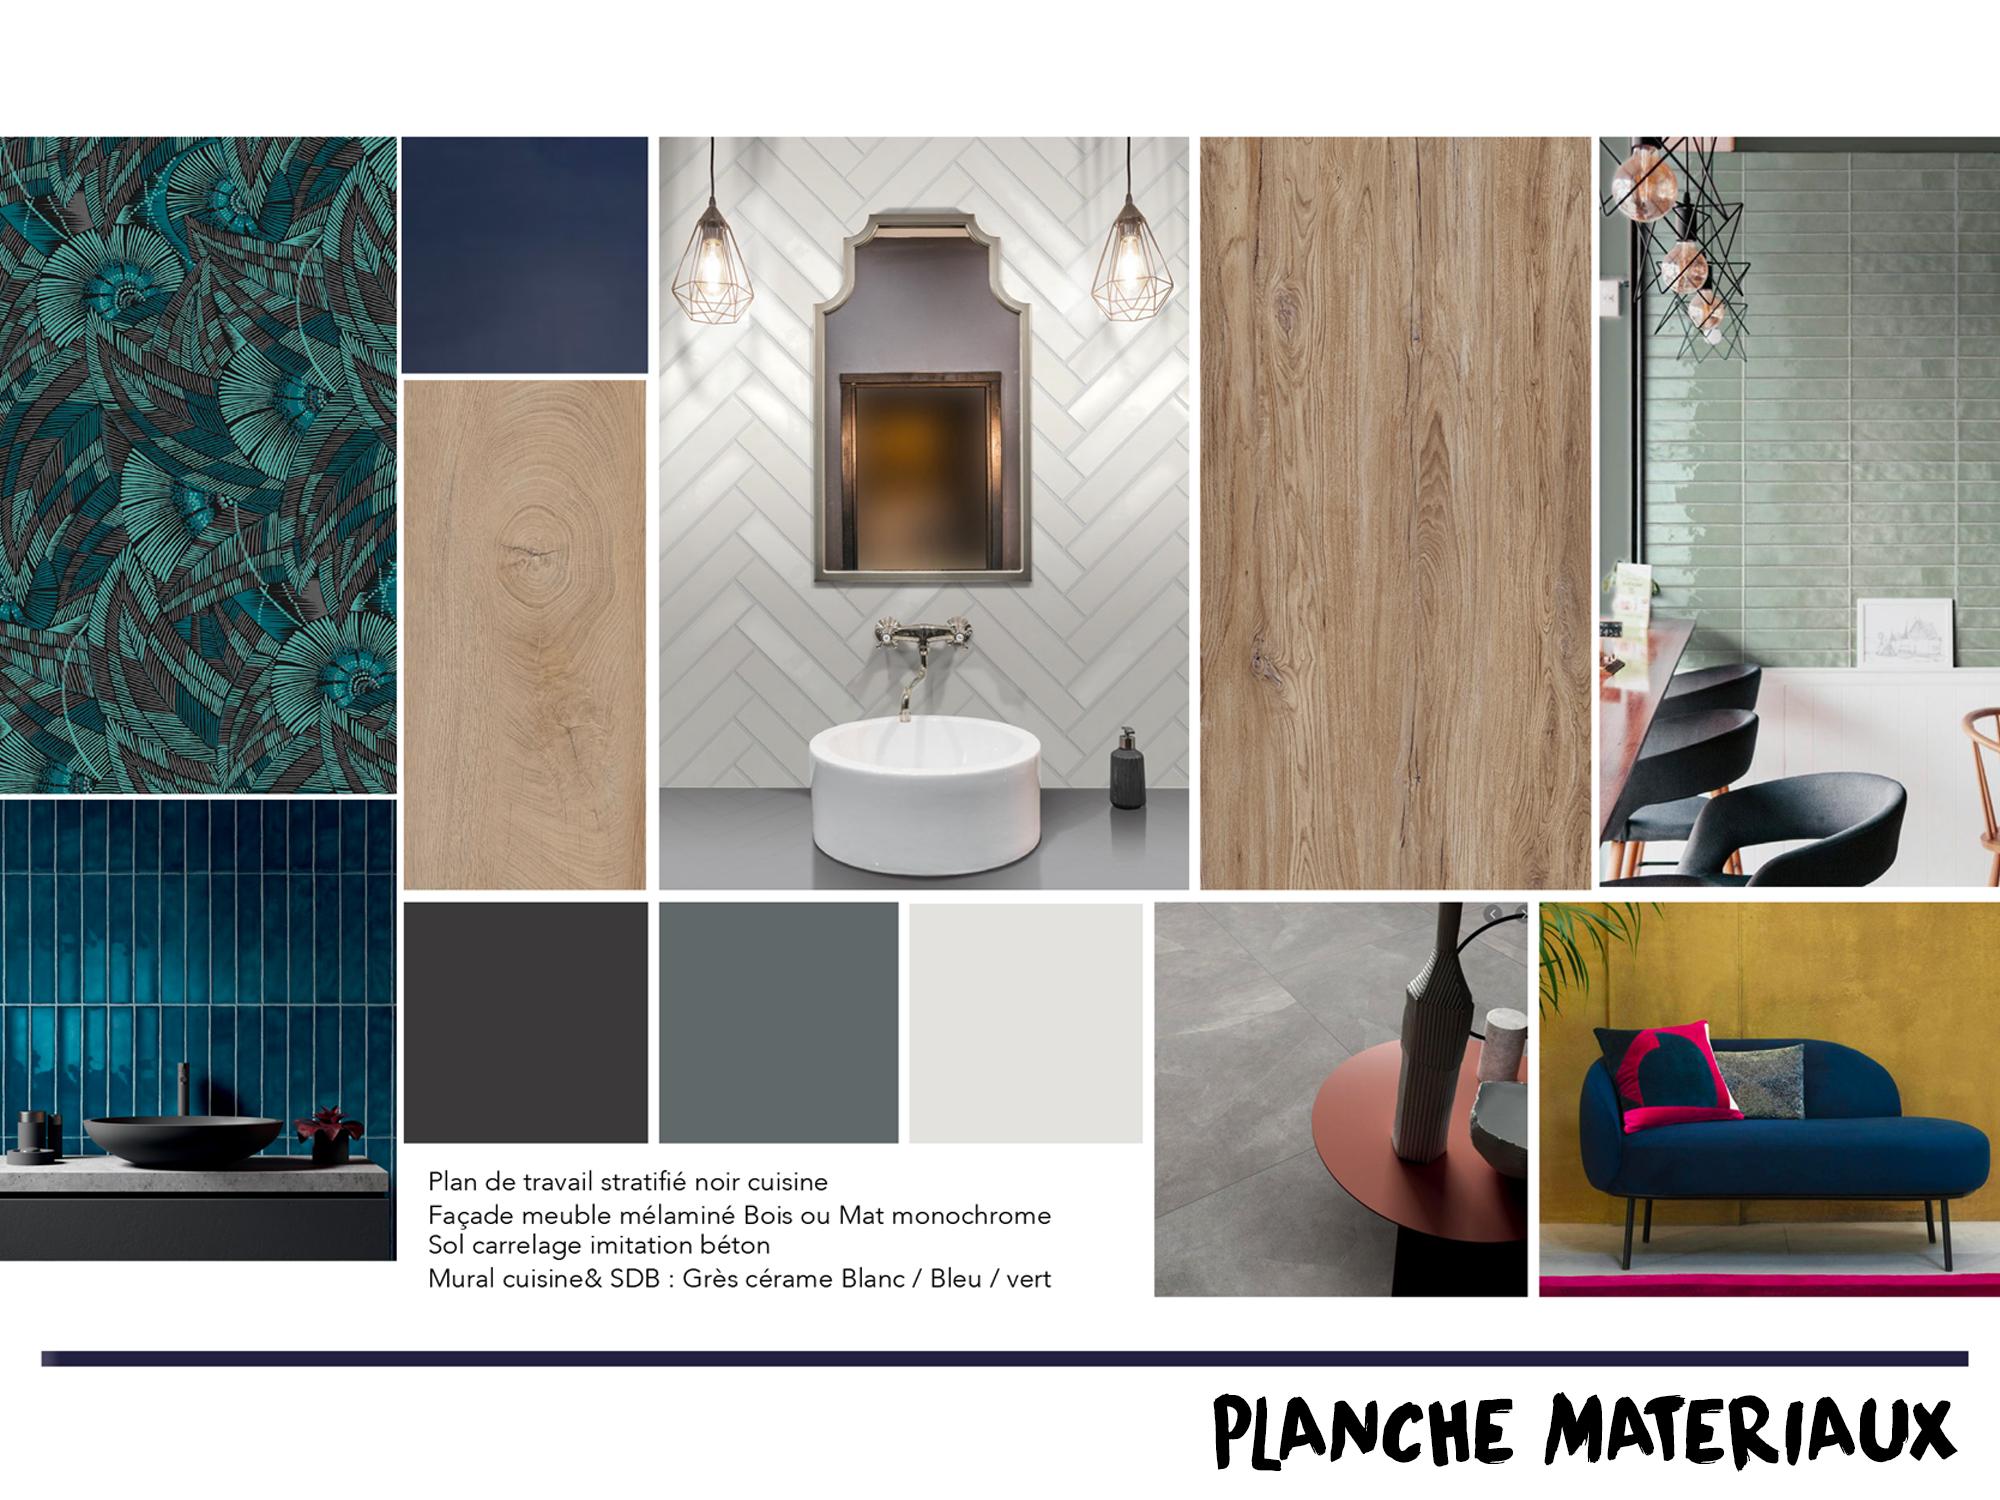 réalisation planches matériaux inspiration architecture